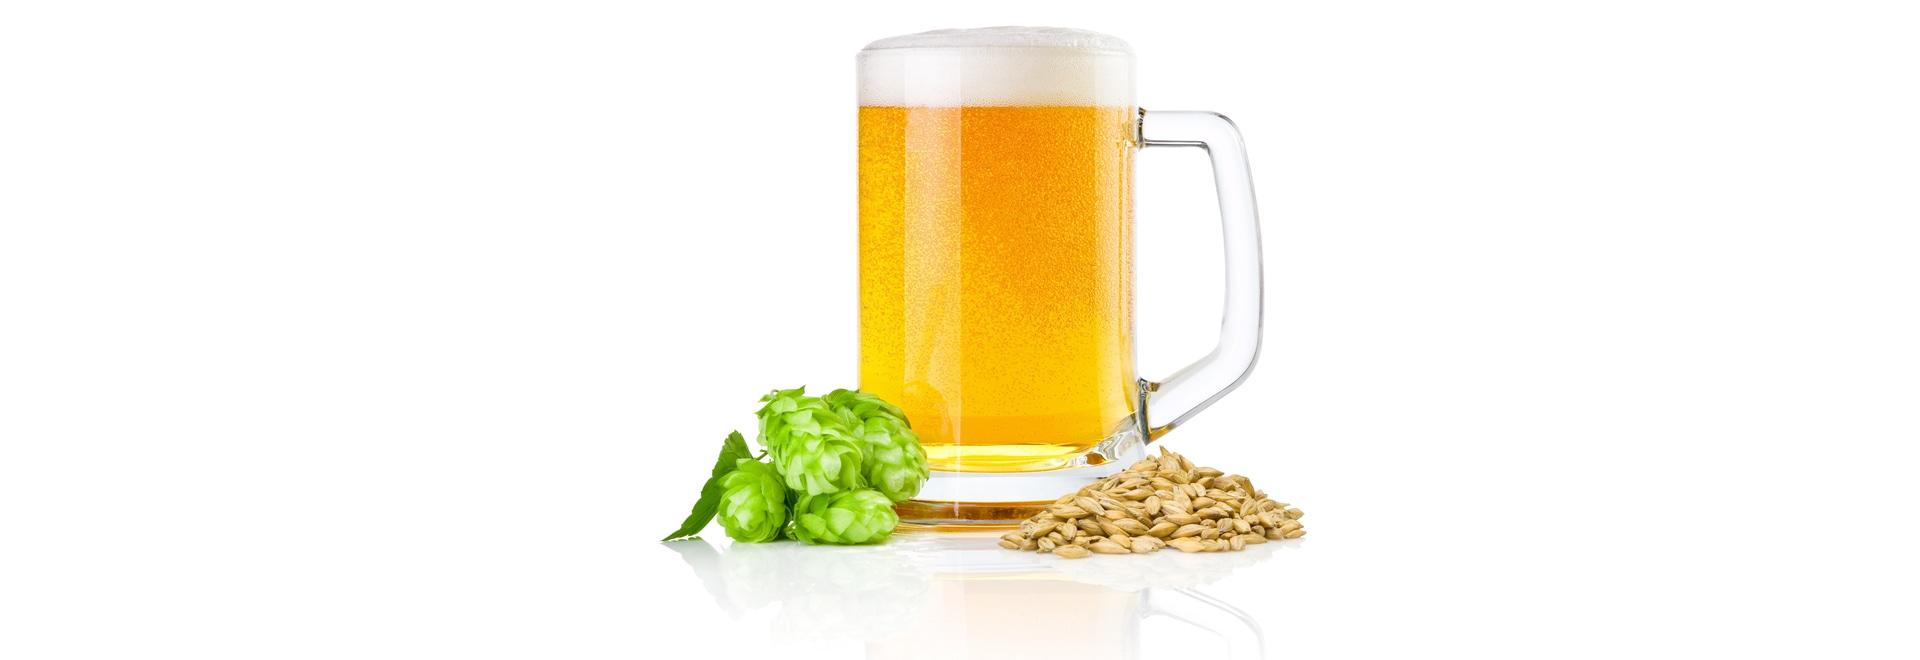 Tecnologia del decantatore in fabbriche di birra